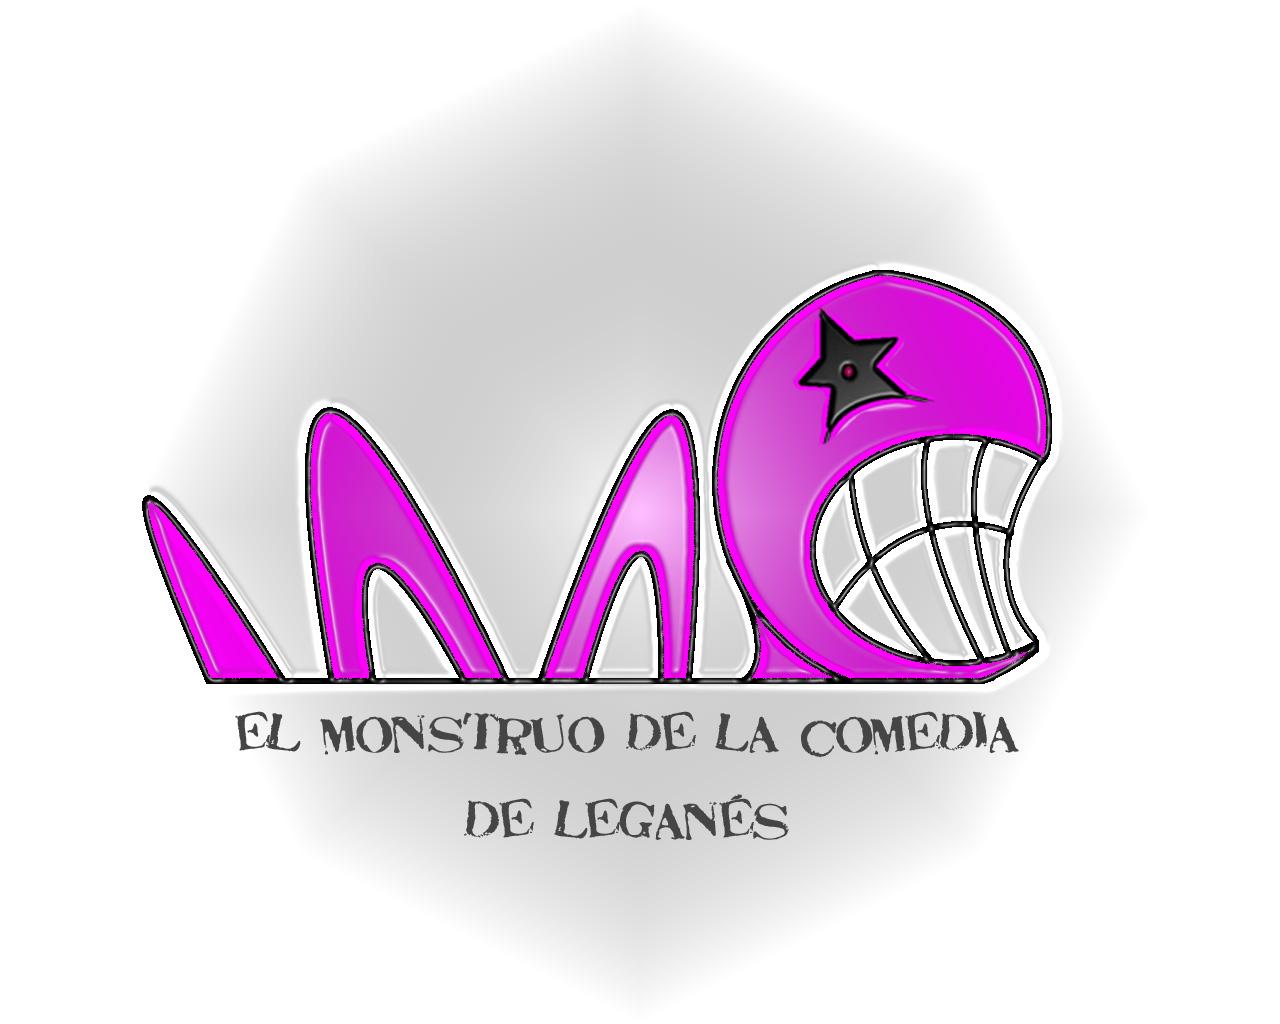 """IV Concurso Nacional de Monólogos de Humor  """"El Monstruo de la Comedia"""" de Leganés"""